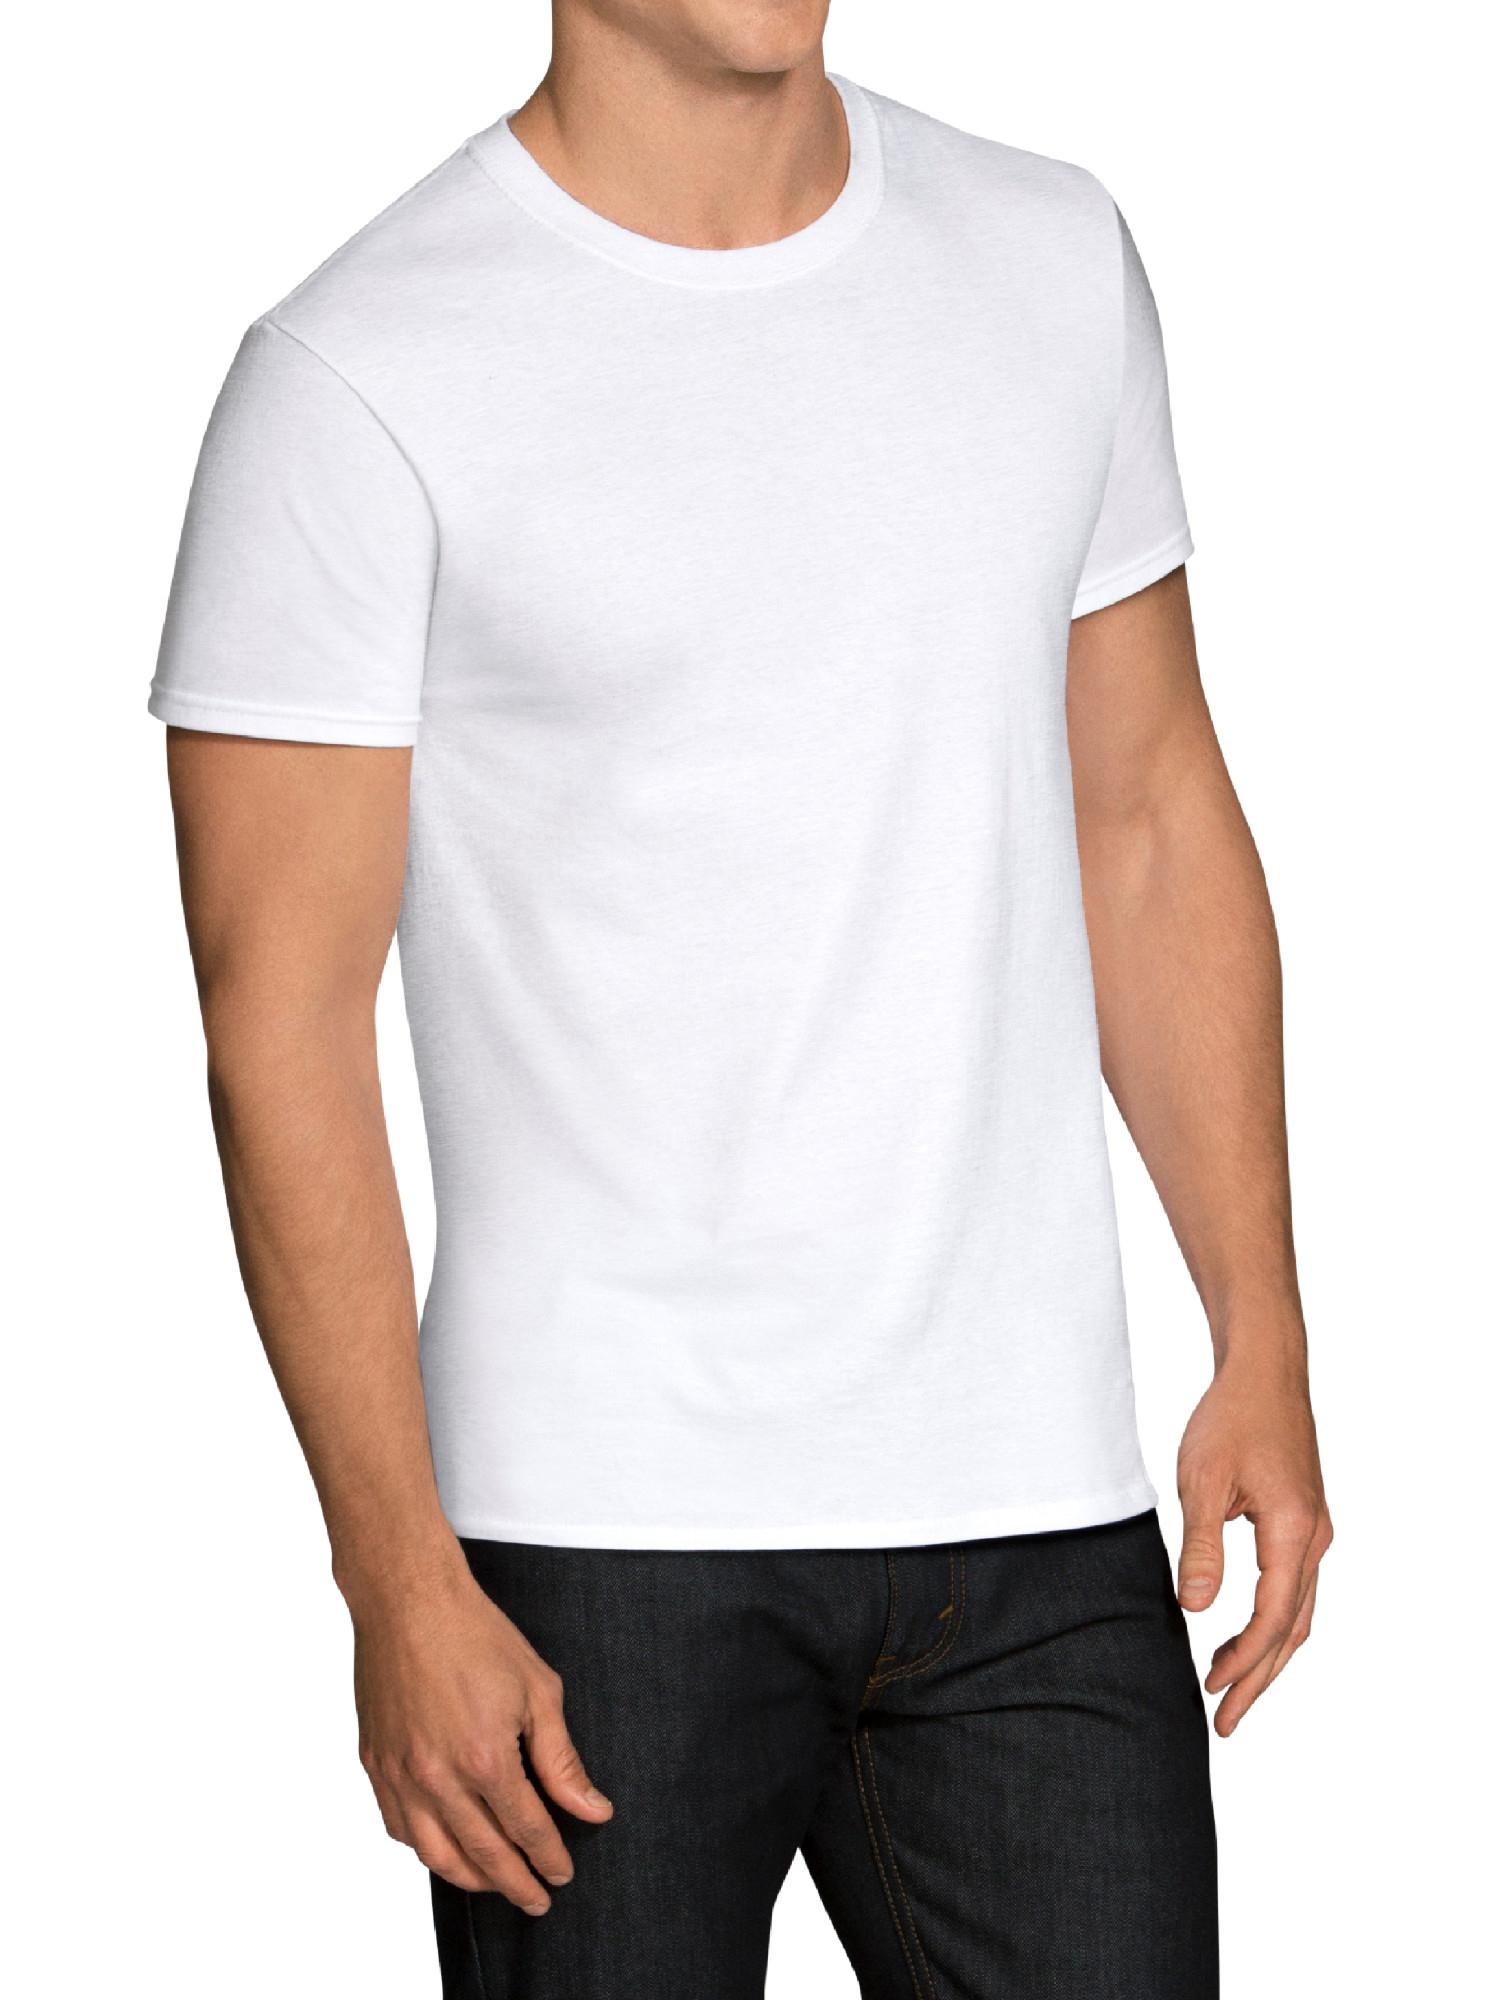 6-Pack Fruit of the Loom Men's Dual Defense Crew T-Shirt